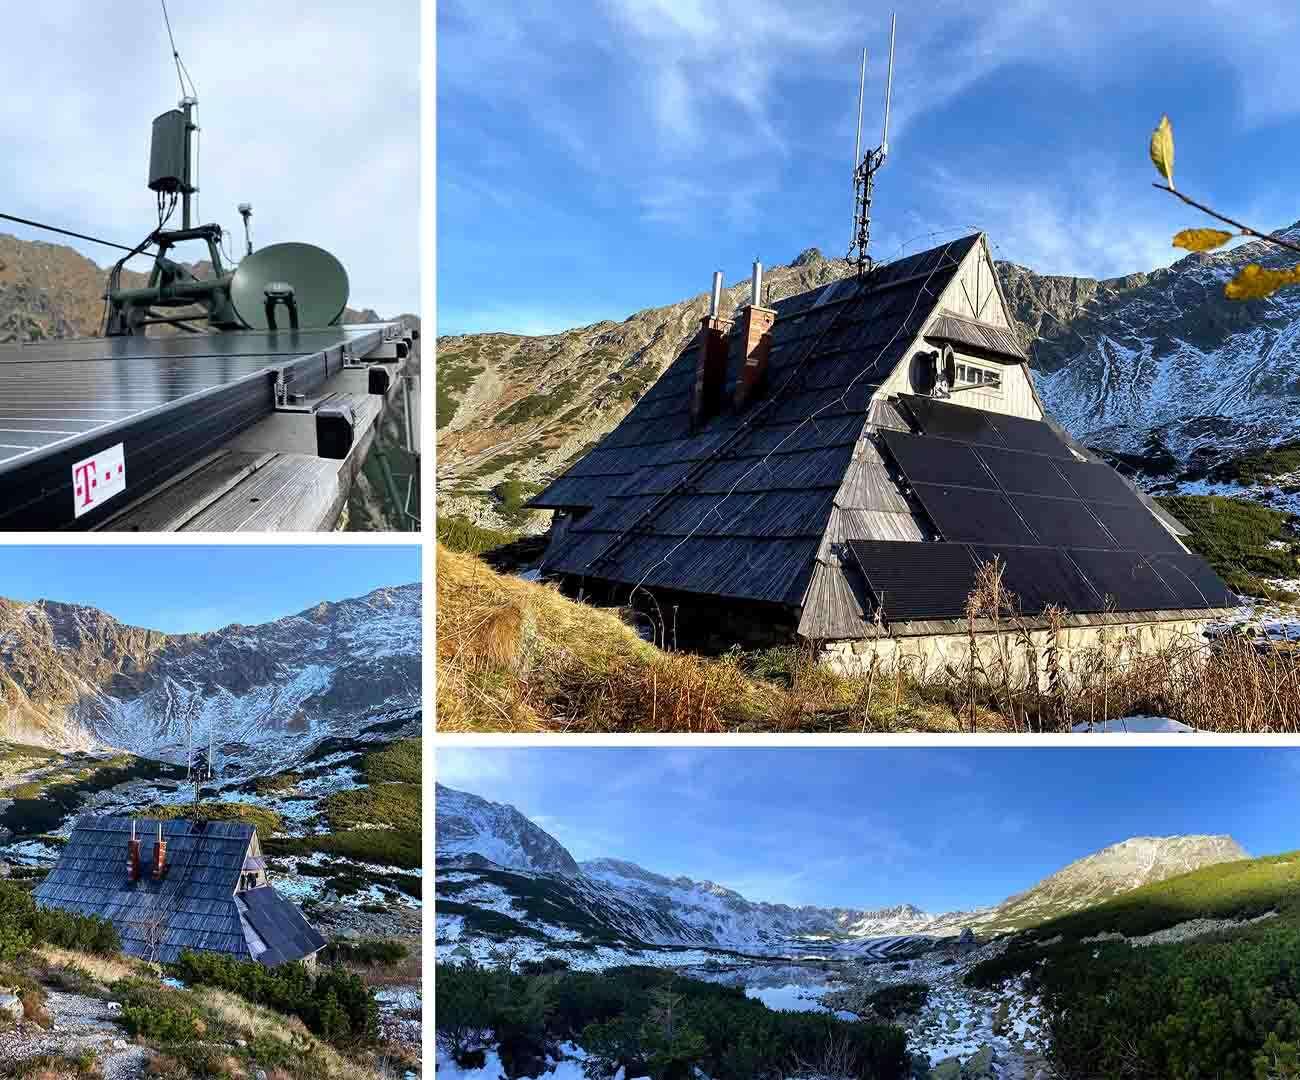 Lepszy zasięg T-Mobile w górach. Internet na Księżycu, a my mamy w górach nie mieć?